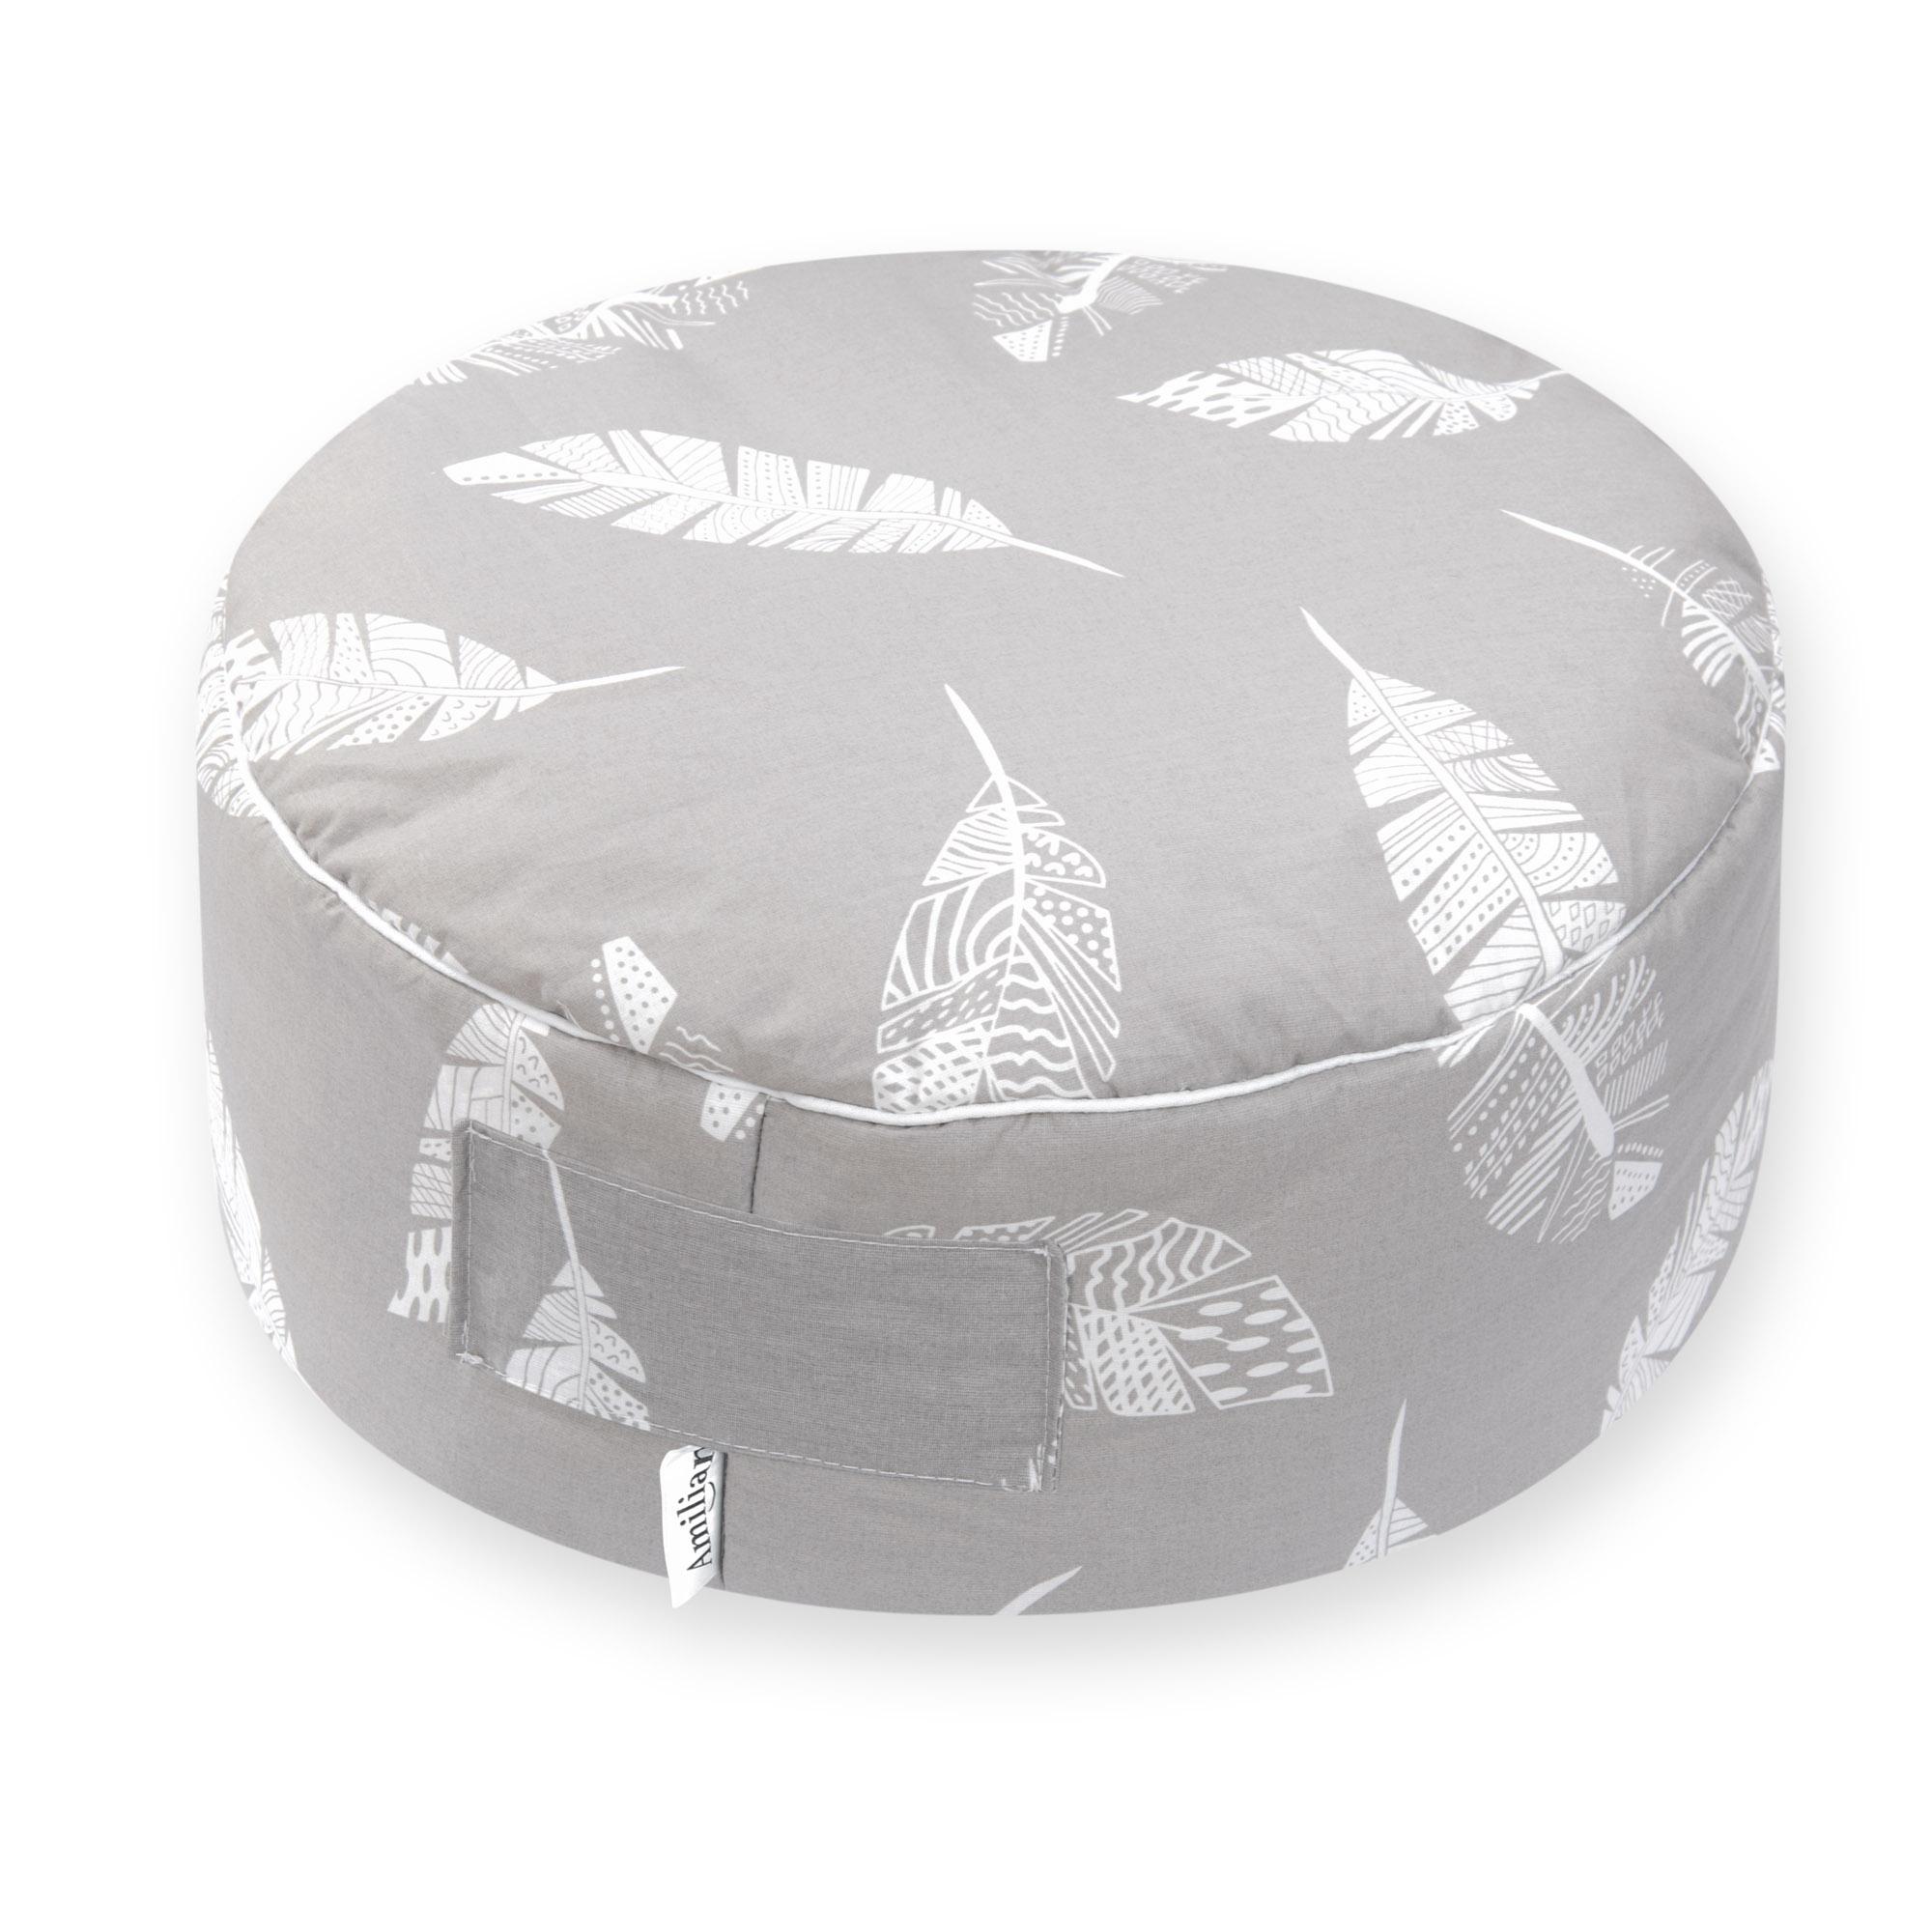 Sitzkissen Sitzpuff ca. Ø 40 cm 16  cm hoch für Kinder weiche Füllung Feder Grau